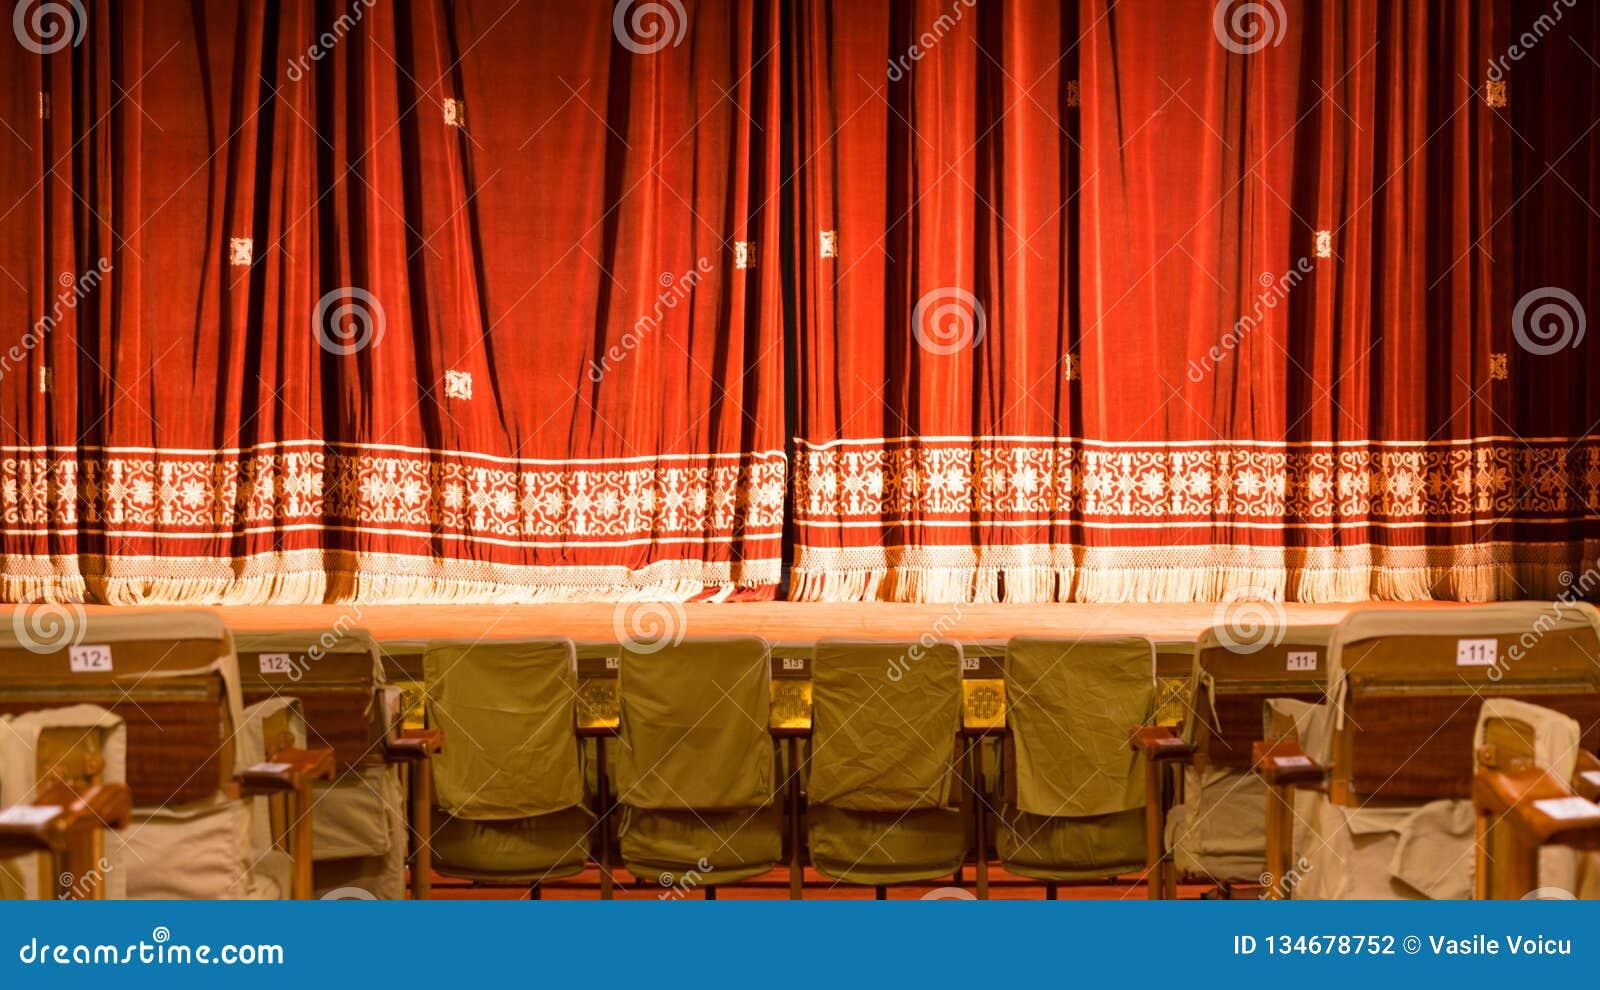 Άποψη από μέσα από ένα θέατρο με τις σκηνικές καρέκλες και την κόκκινη κουρτίνα